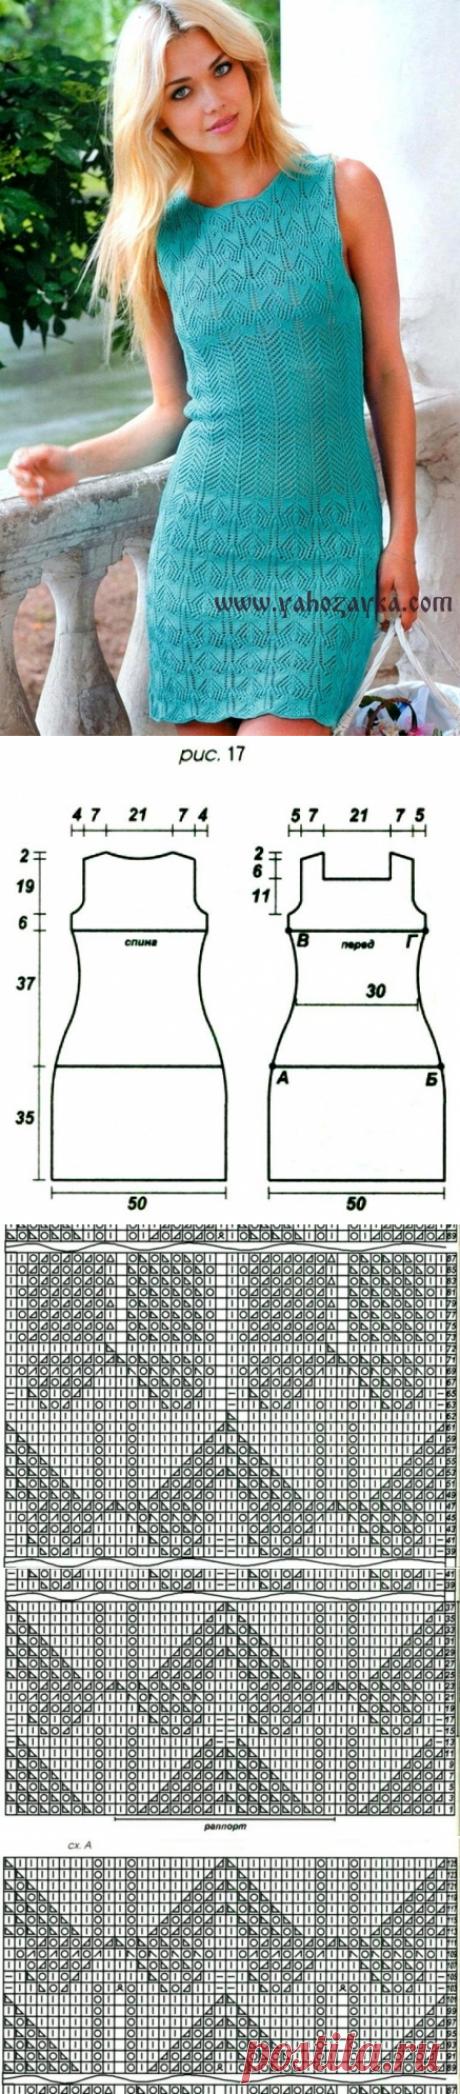 Платье спицами описание. Платье спицами из ажурных узоров | Я Хозяйка